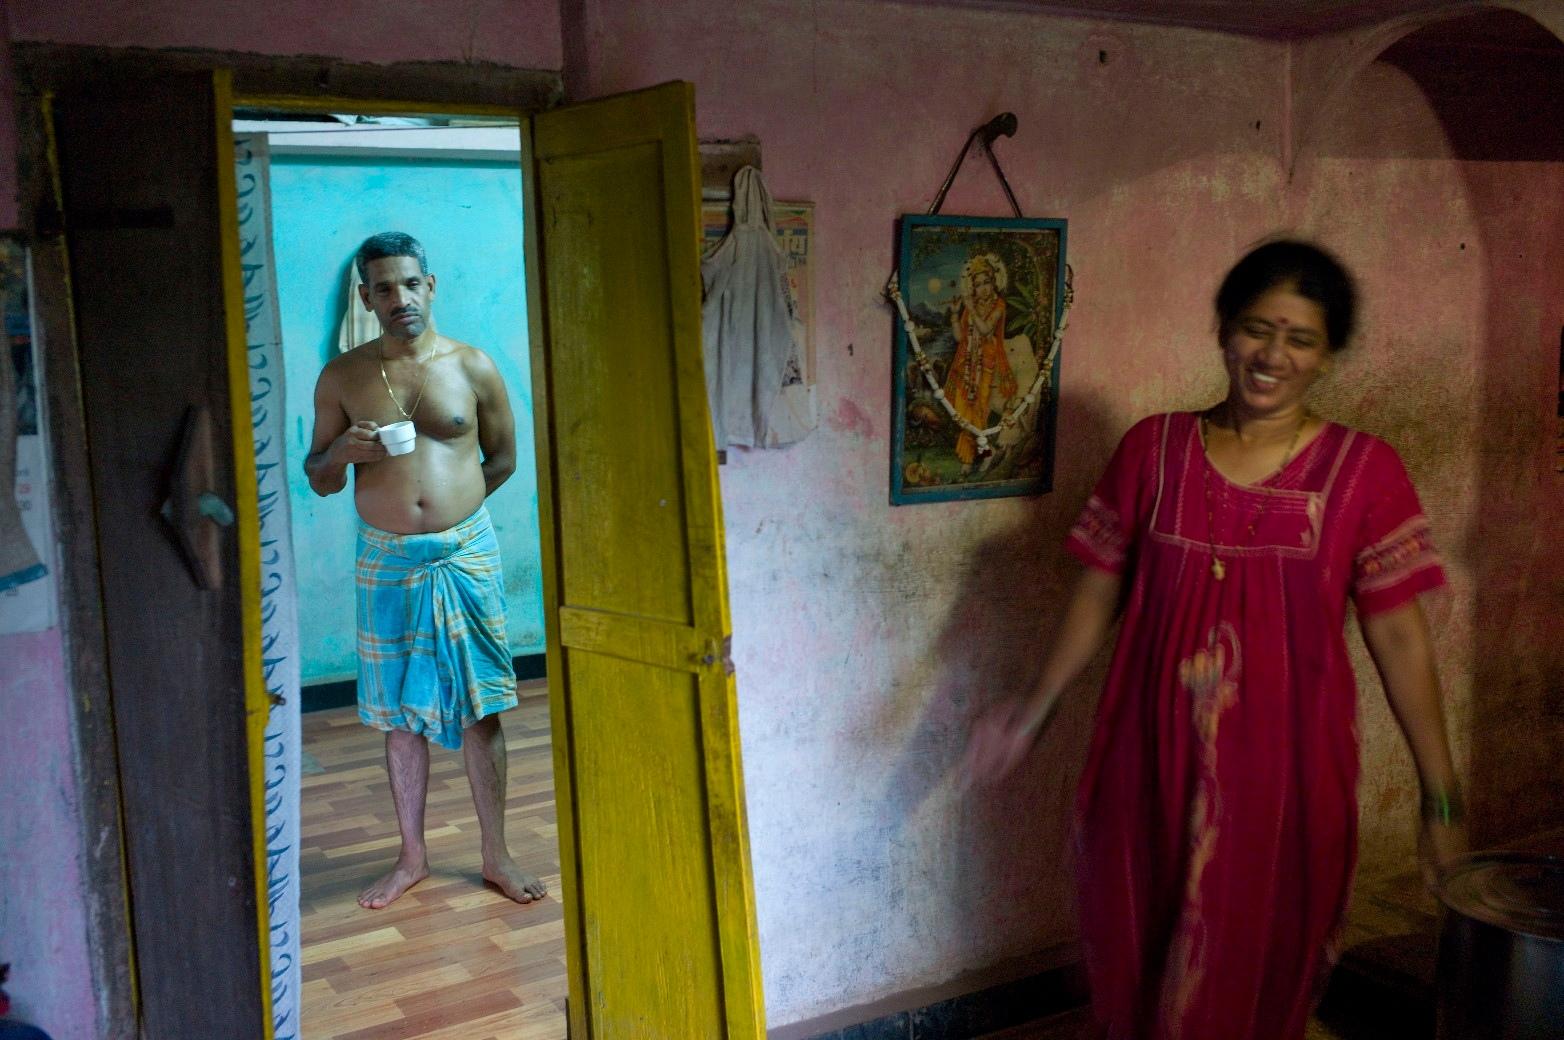 Dans la maison d'Anuya Kulkarni, membre du panchayat@du village de Sherpe, au Maharashtra